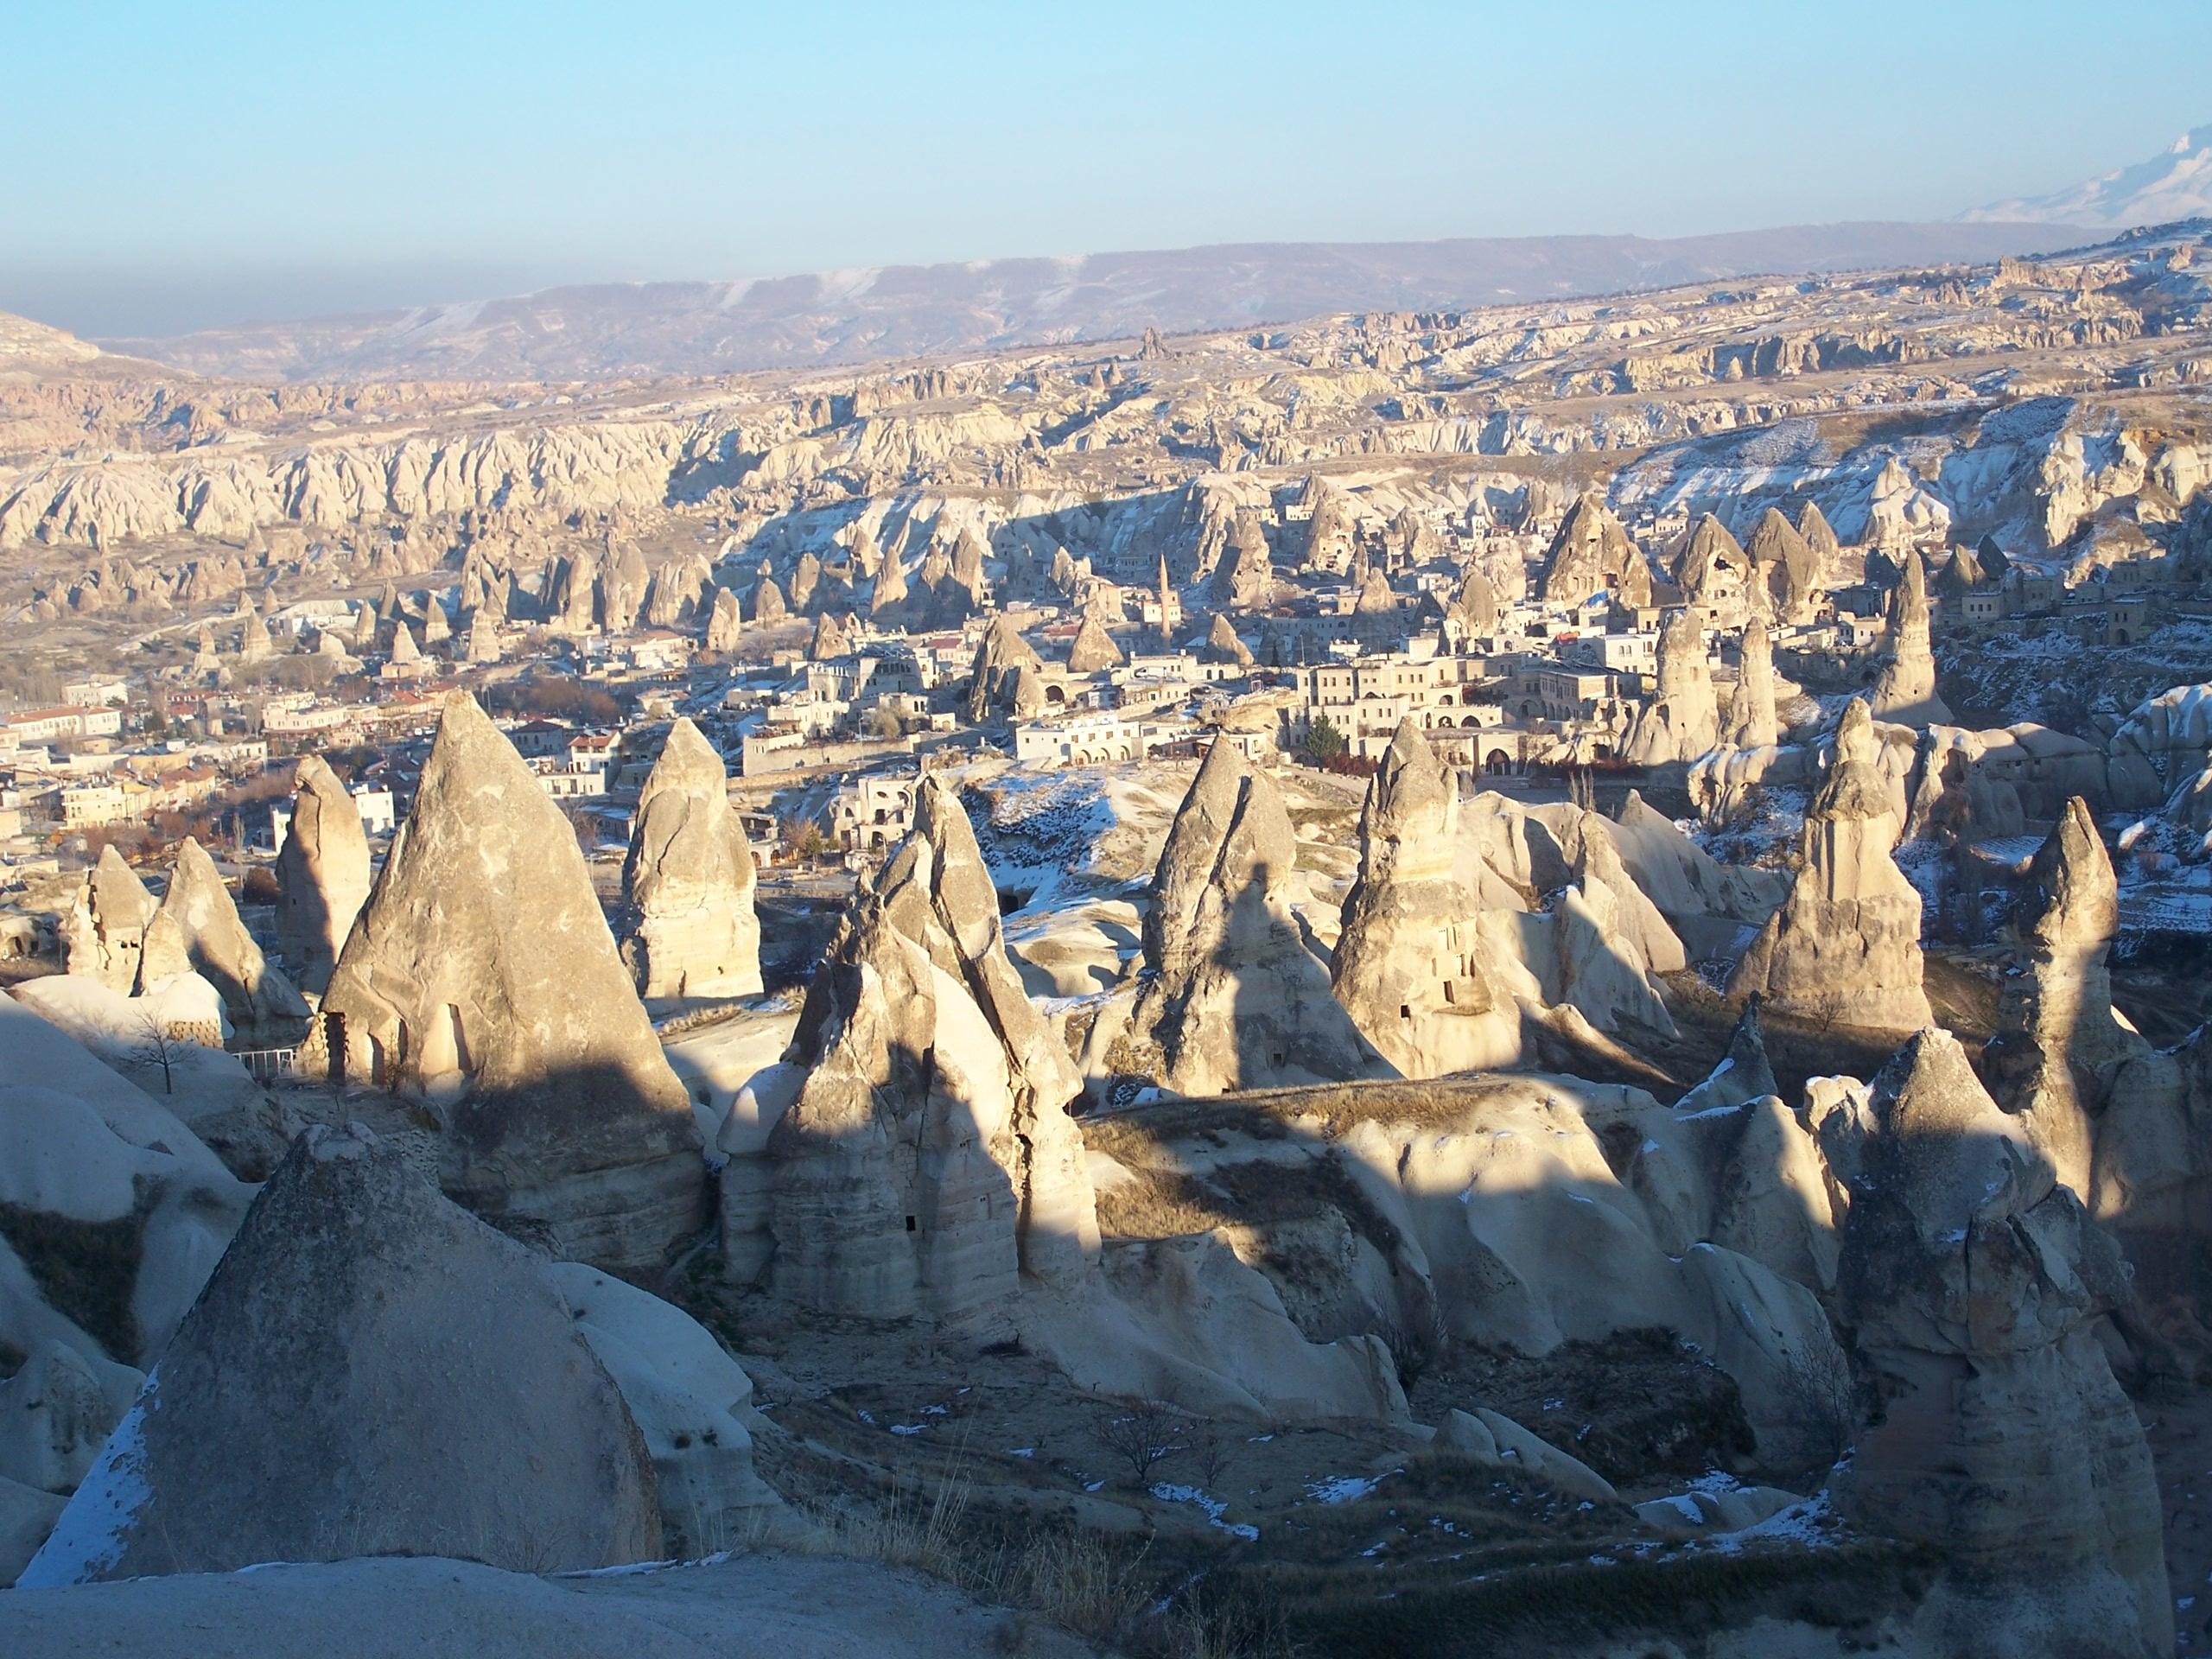 Turquia: O melhor de Istambul e Capadocia